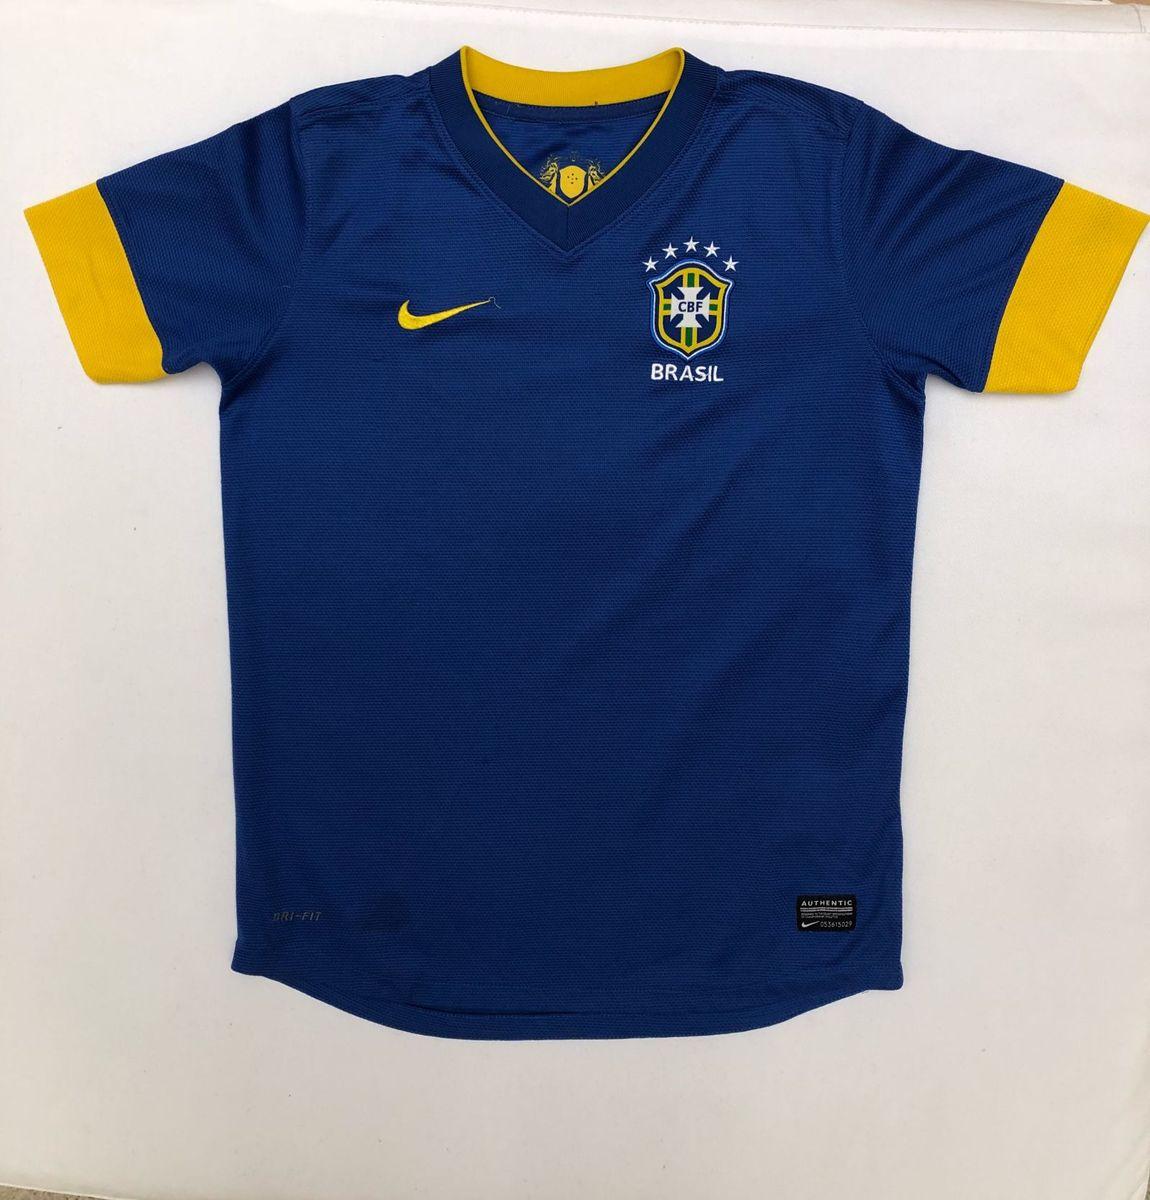 camisa brasil infantil tam m nike - menino nike.  Czm6ly9wag90b3muzw5qb2vplmnvbs5ici9wcm9kdwn0cy83oda5mdy4l2q5mwi0mgfjngy2ntvkmtuynjkzmgexntnhndu4ztnjlmpwzw  ... 2e18361b4d4ad